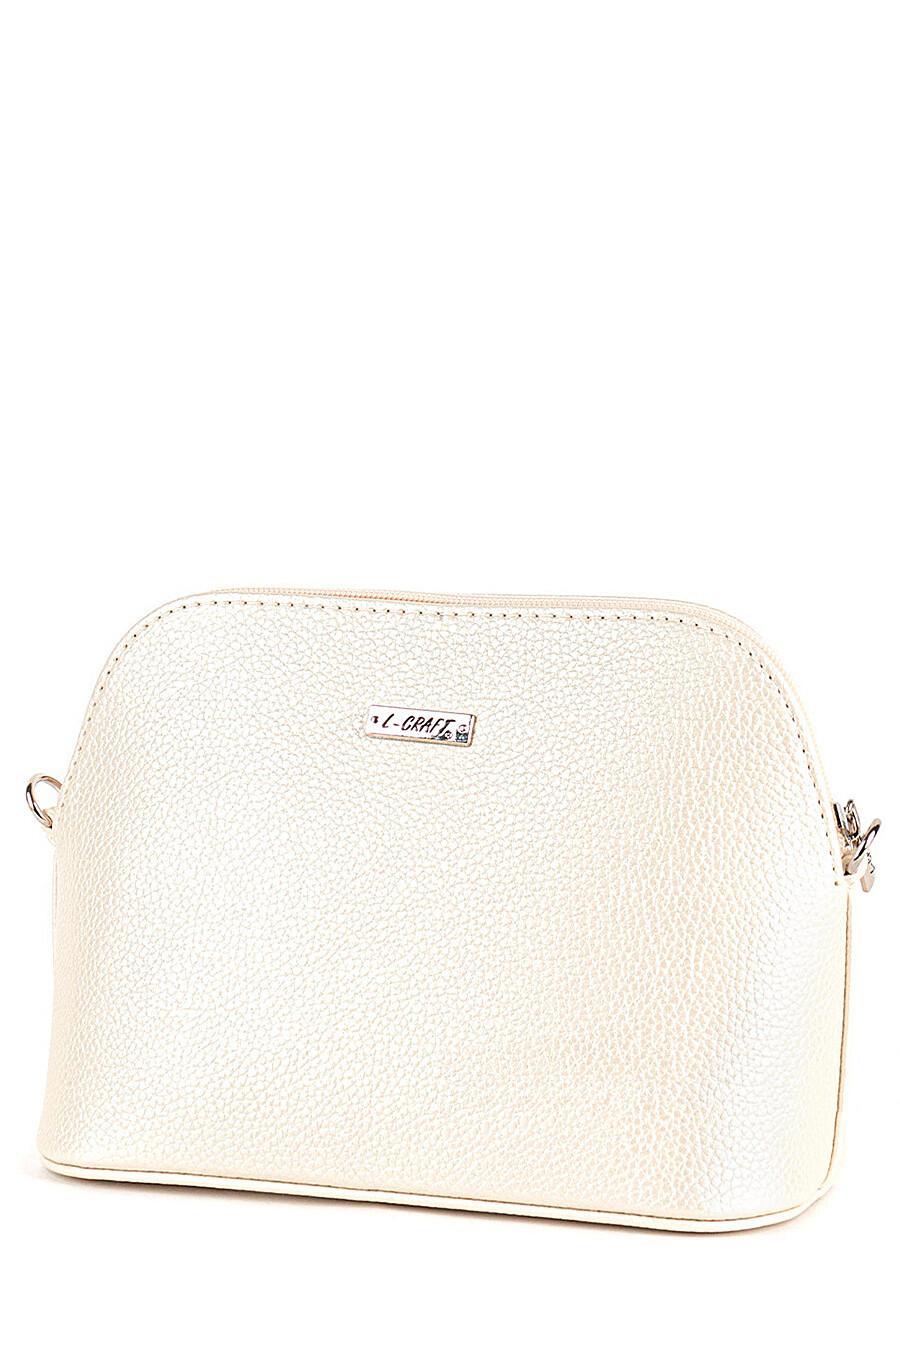 Сумка для женщин L-CRAFT 667923 купить оптом от производителя. Совместная покупка женской одежды в OptMoyo